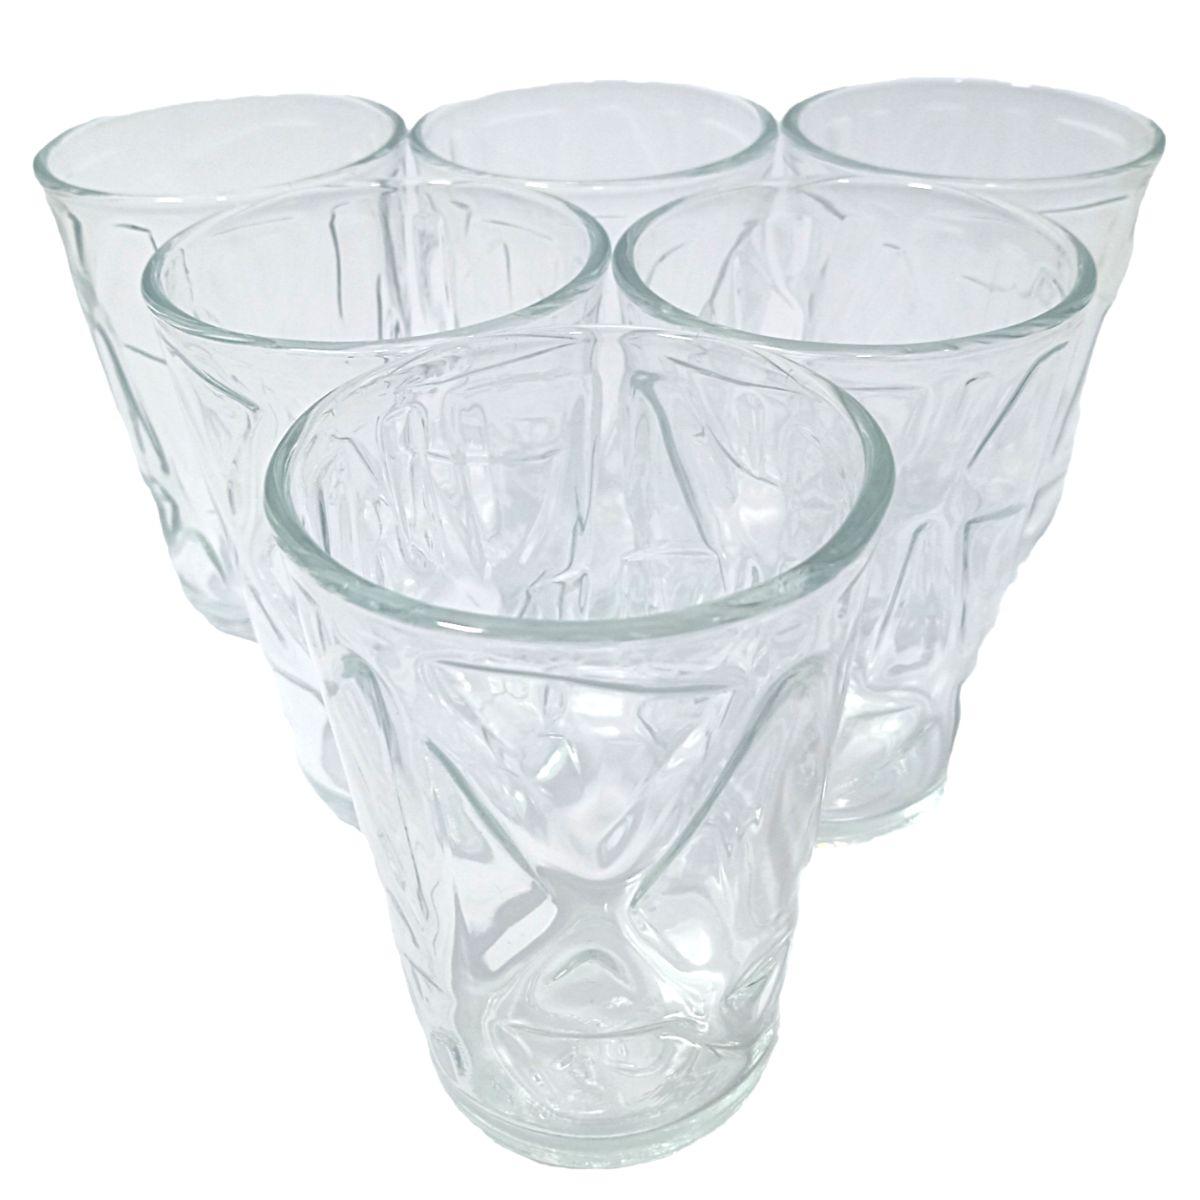 Jogo de copos de vidro 210ml com 6 peças New Style com 5 modelos